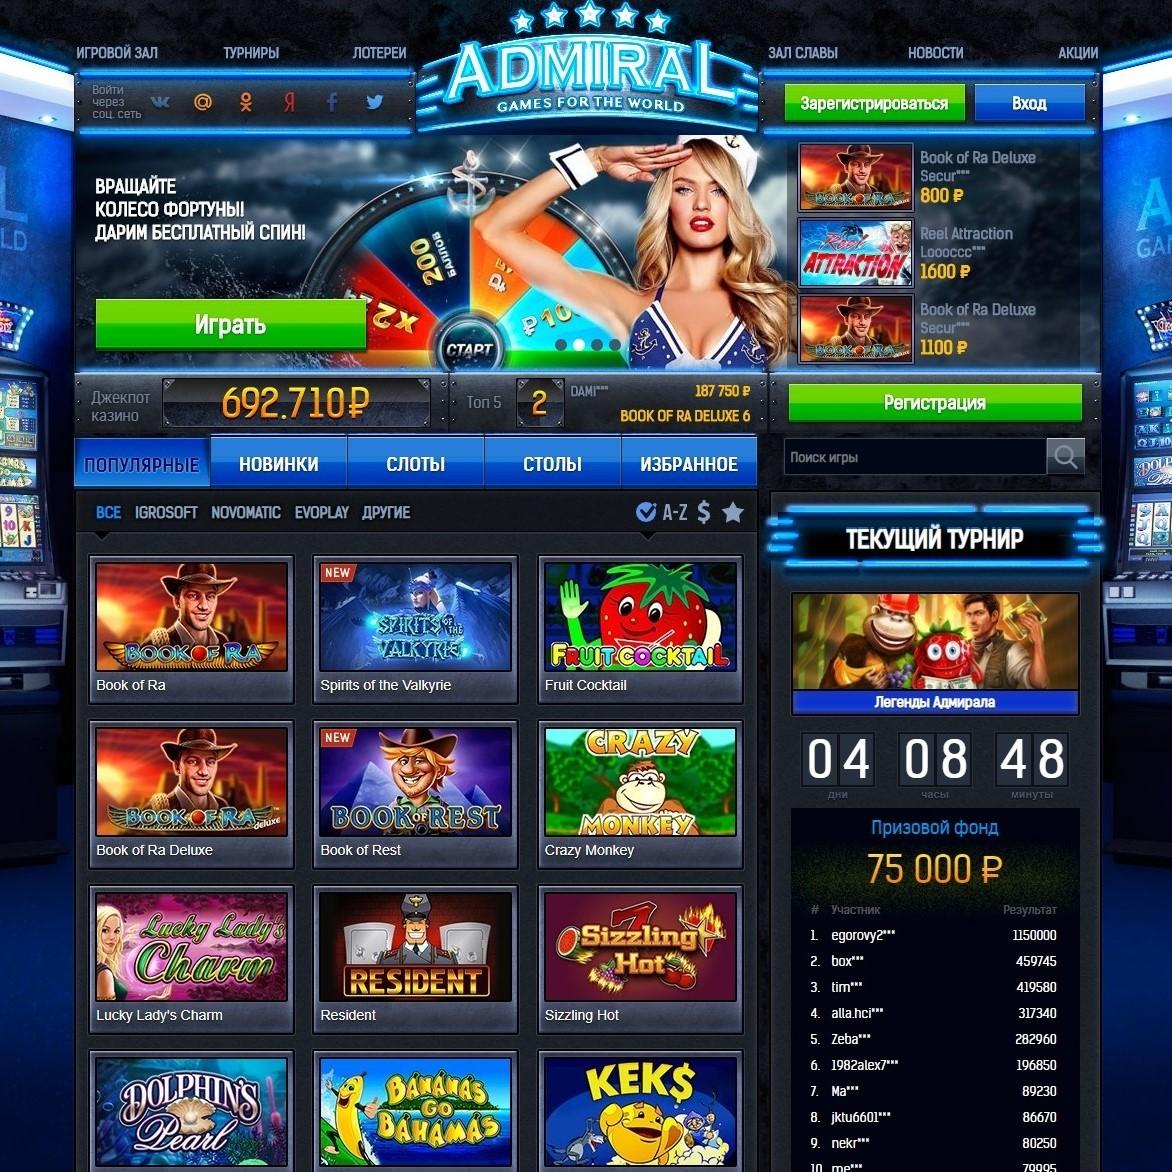 Играть в казино онлайн на тенге в казахстане